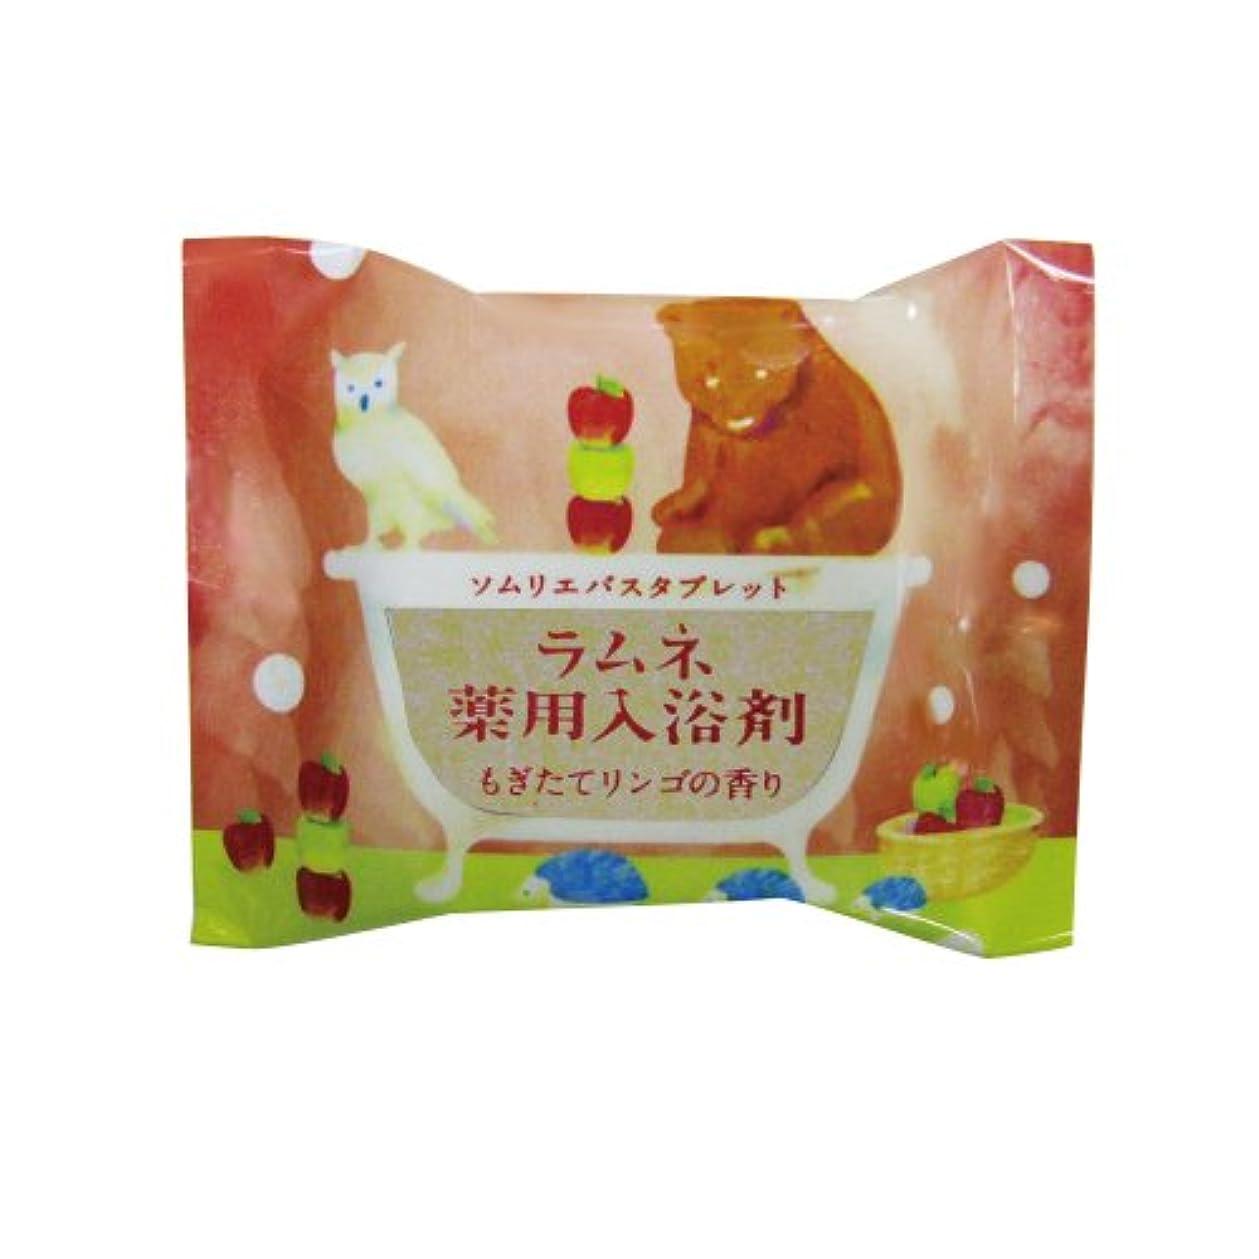 メタンくちばし漏斗ソムリエバスタブレット ラムネ薬用入浴剤 もぎたてリンゴの香り 12個セット